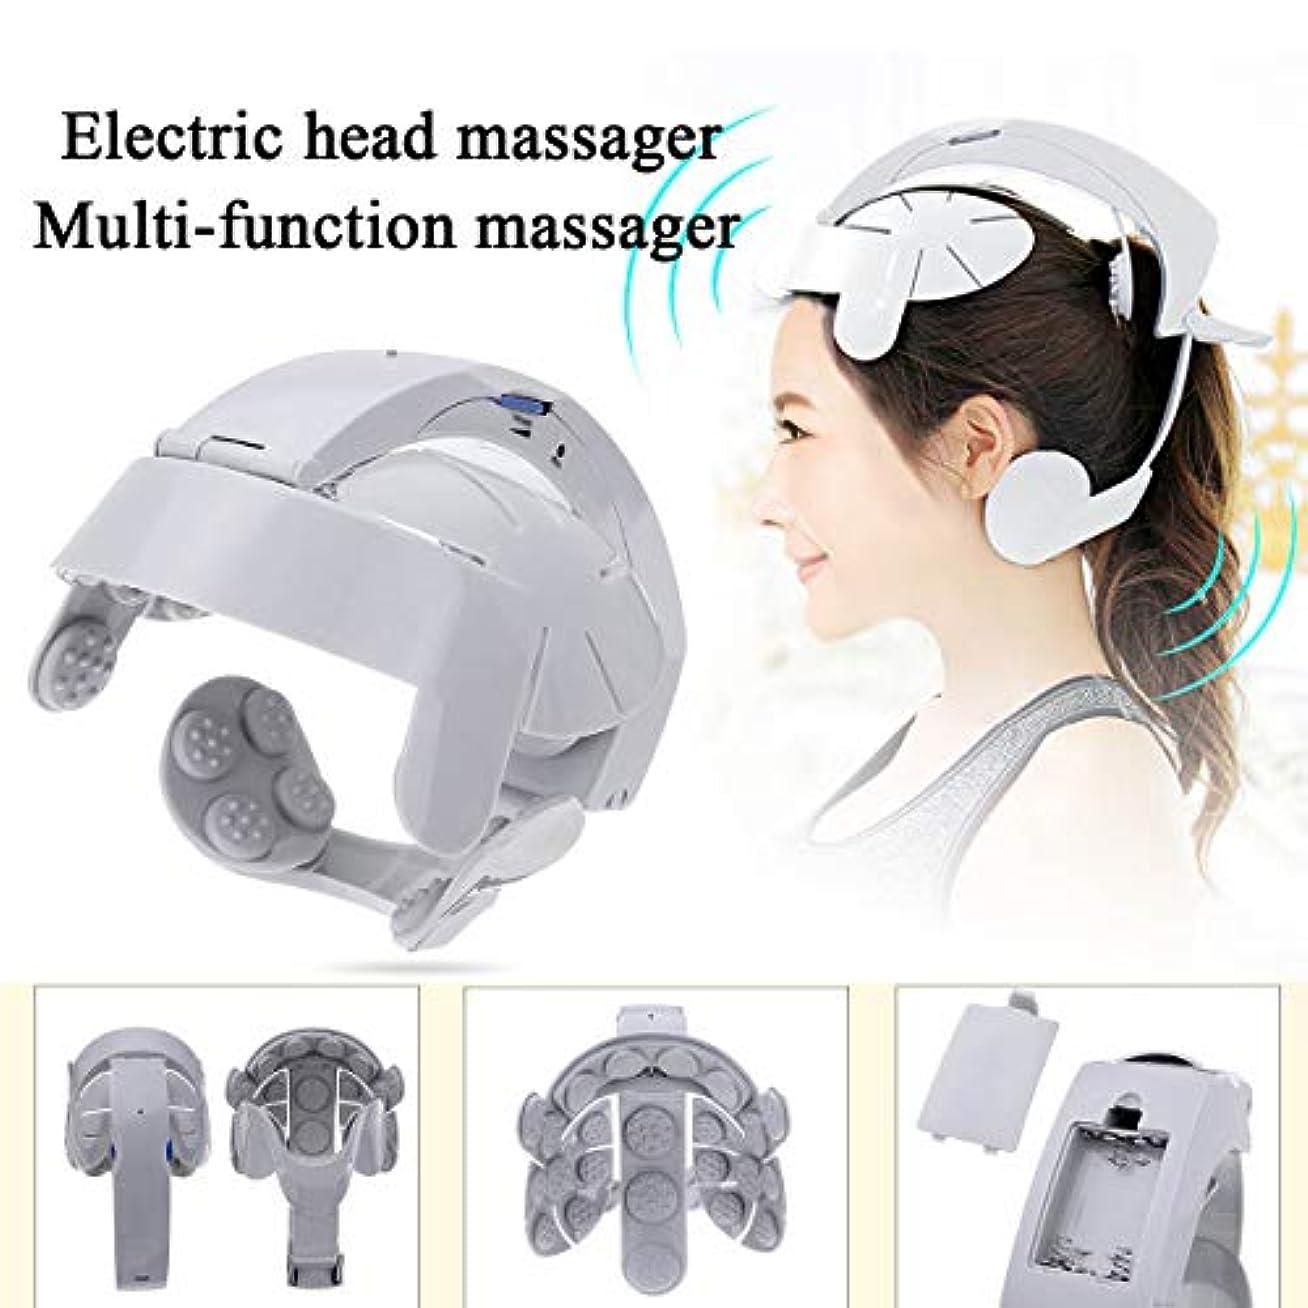 強要狐サージ電気ヘッドマッサージの振動マッサージ簡単な脳マッサージ器ストレスリリーフとより良い睡眠経穴ストレス解放機